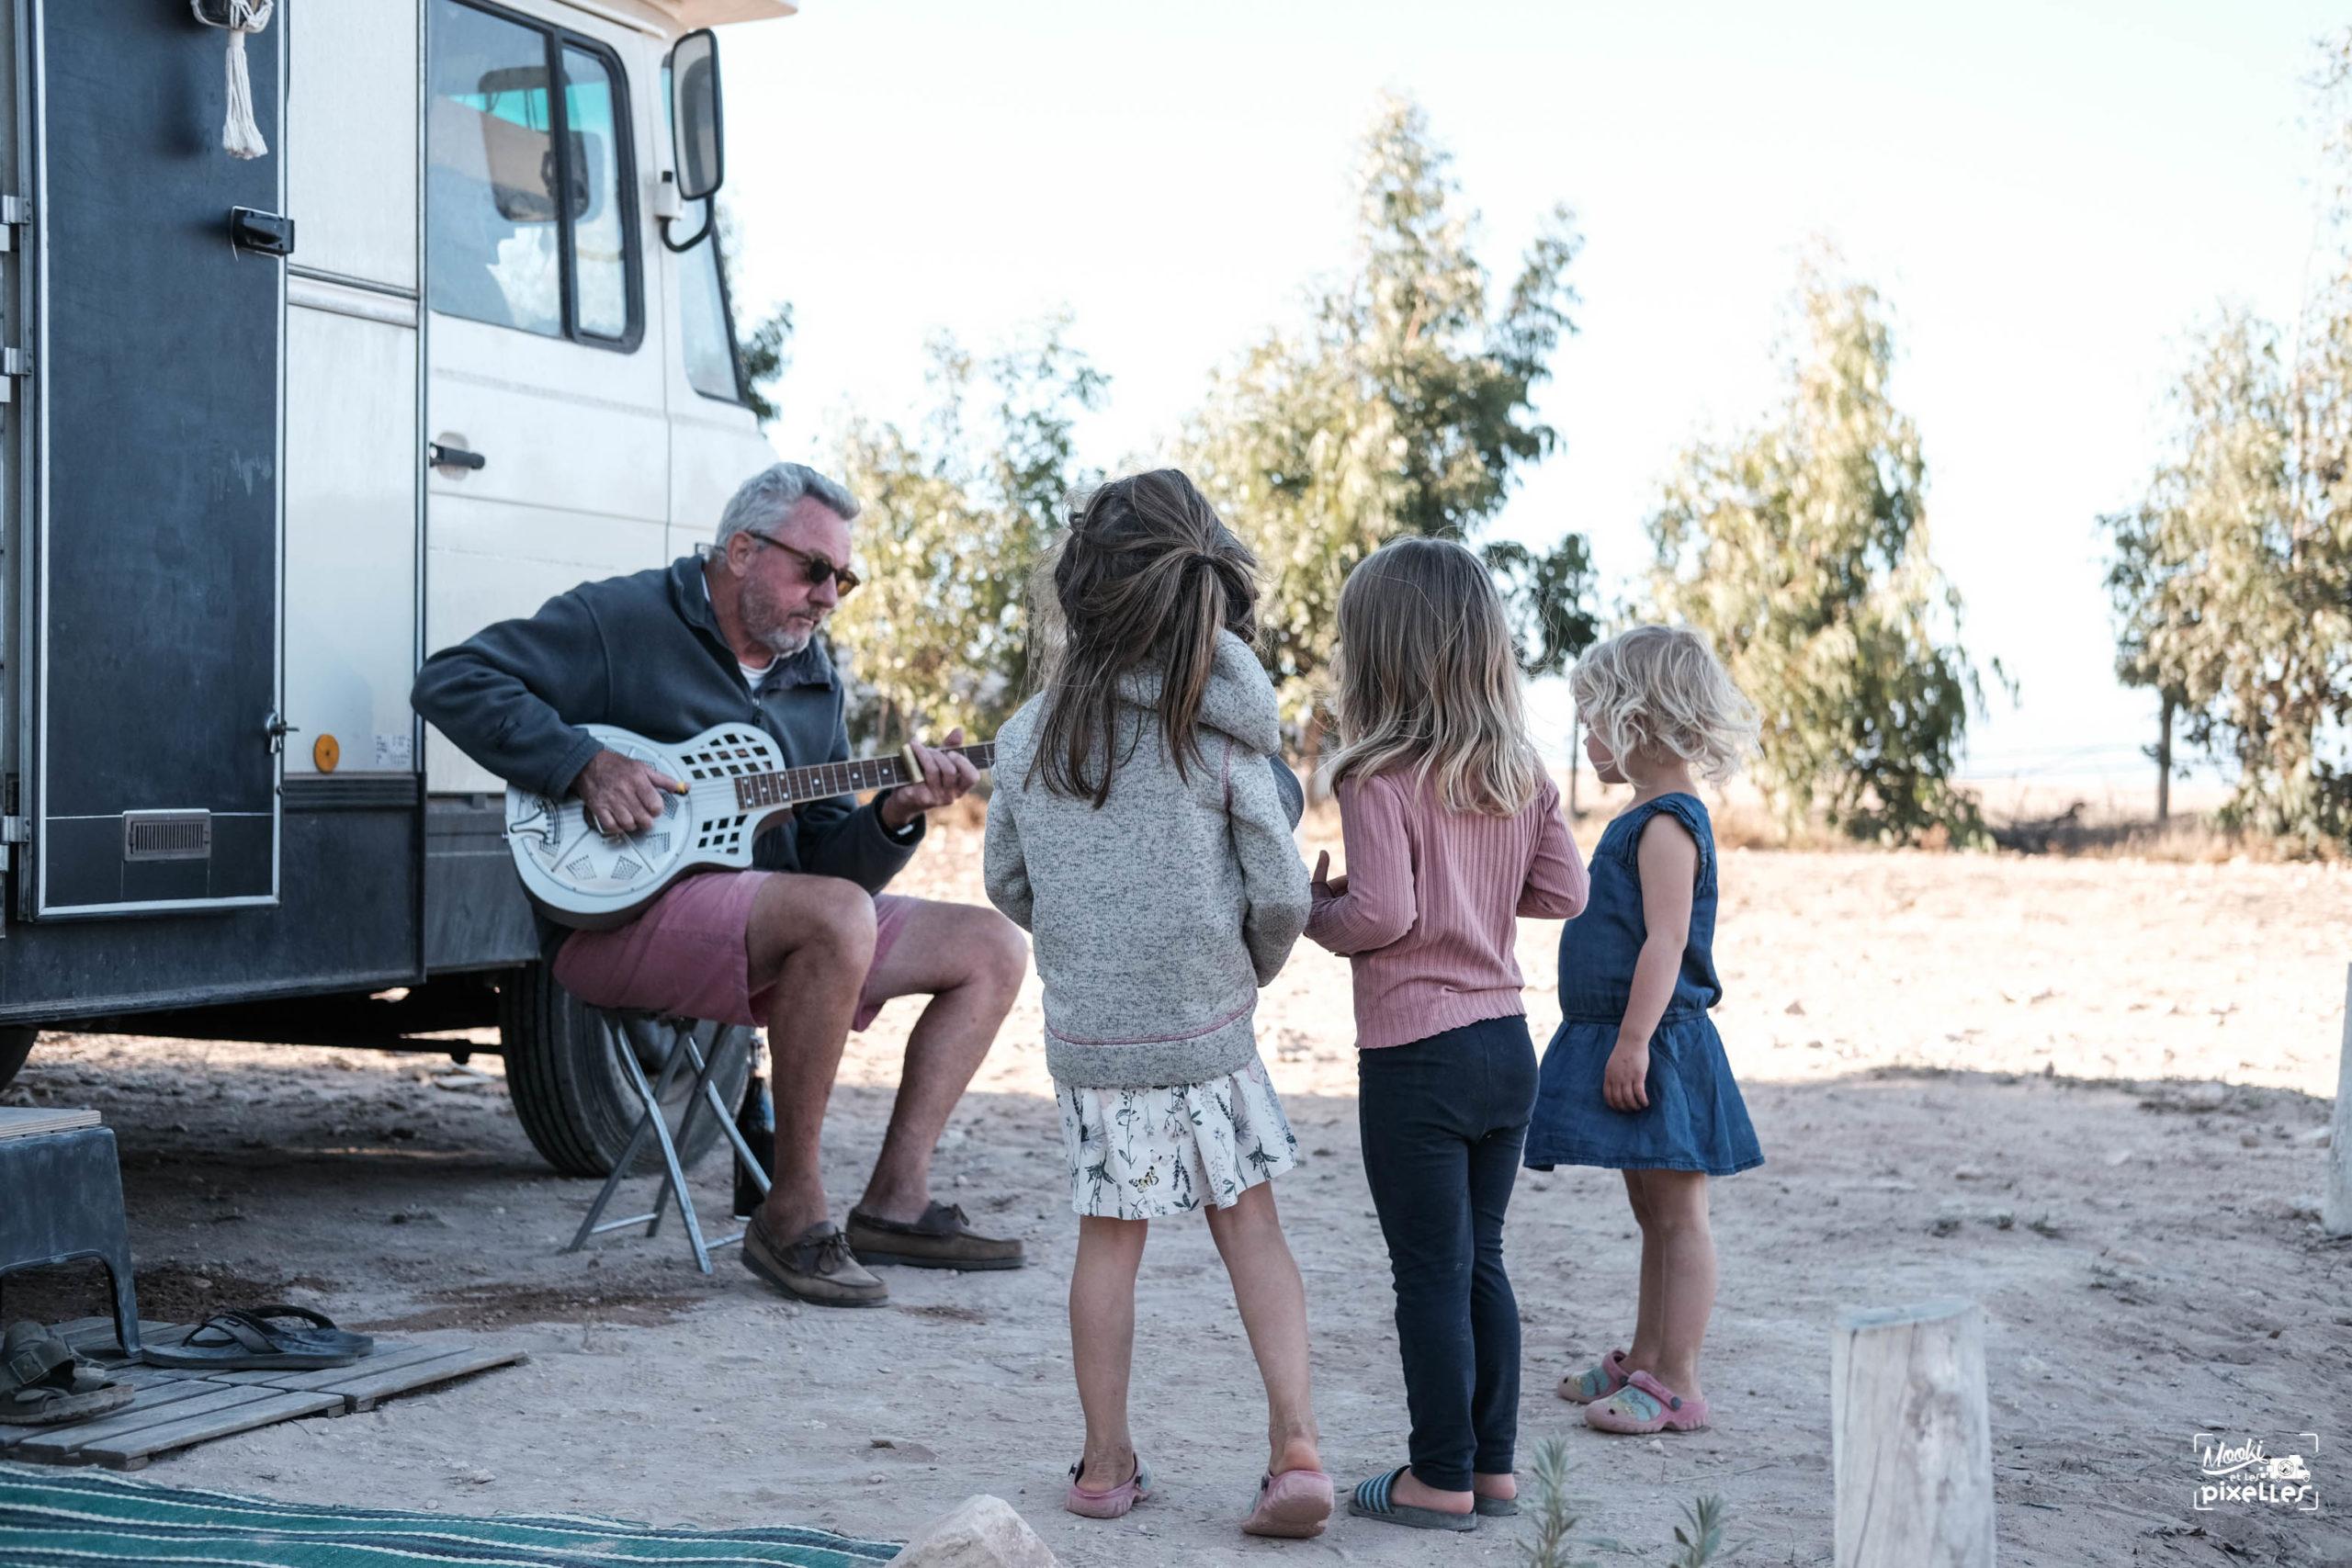 Les enfant écoutent un morceau de guitare